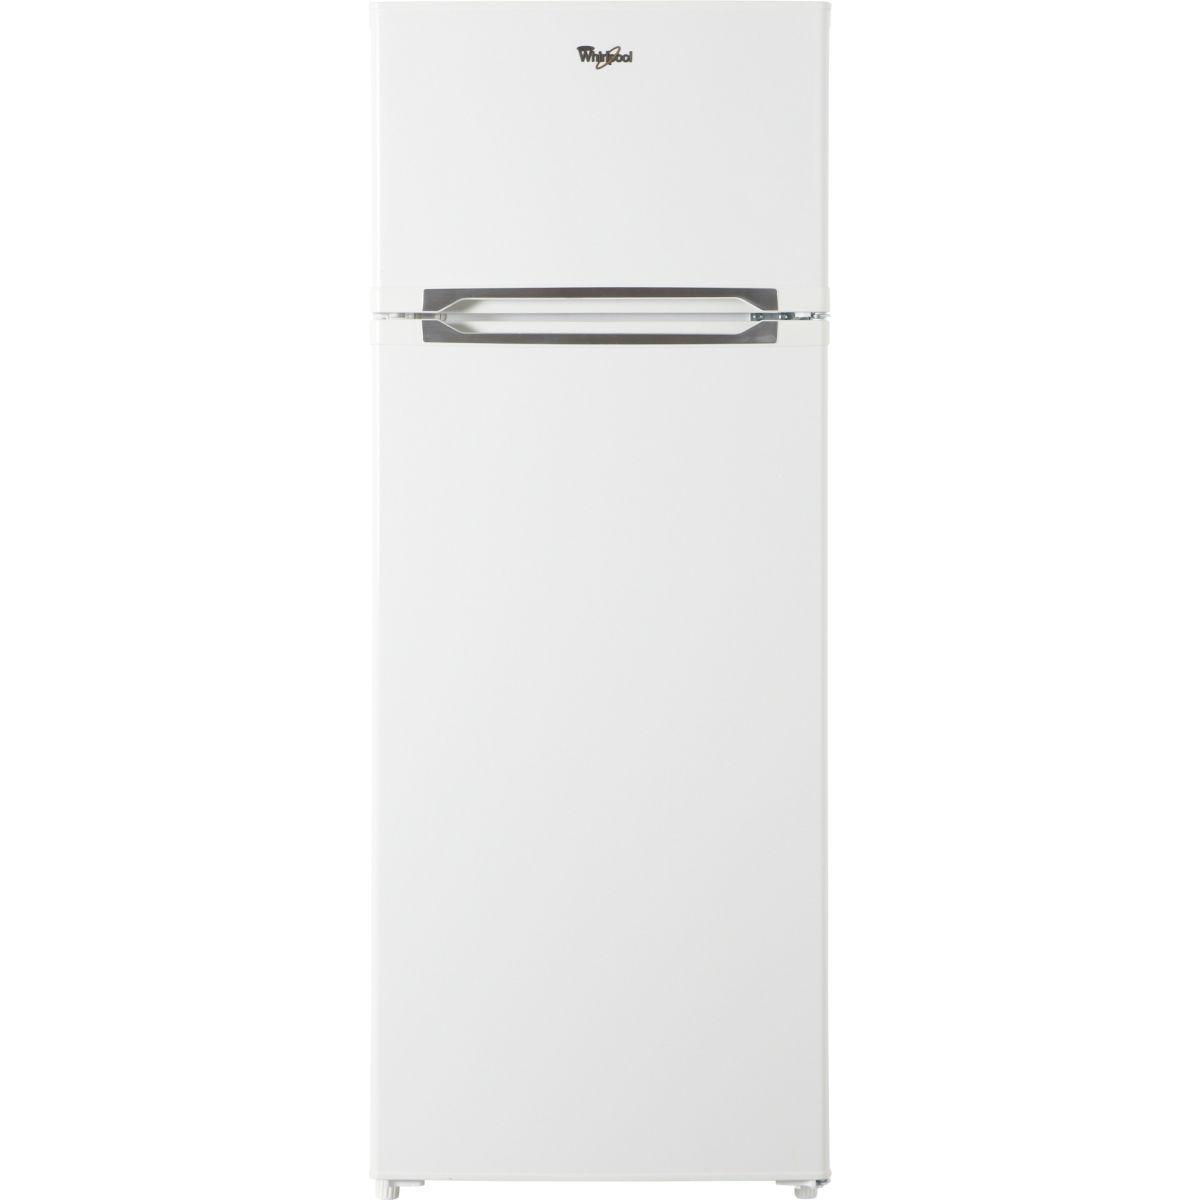 Réfrigérateur congélateur en haut WHIRLPOOL EX WTE2215W (photo)